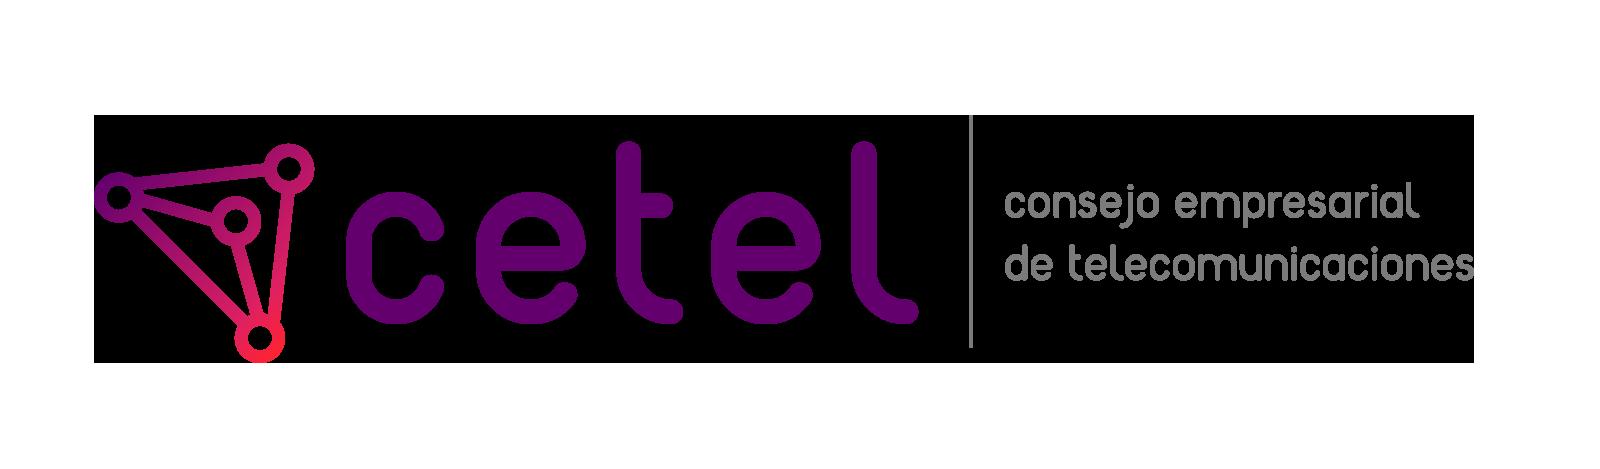 cetel